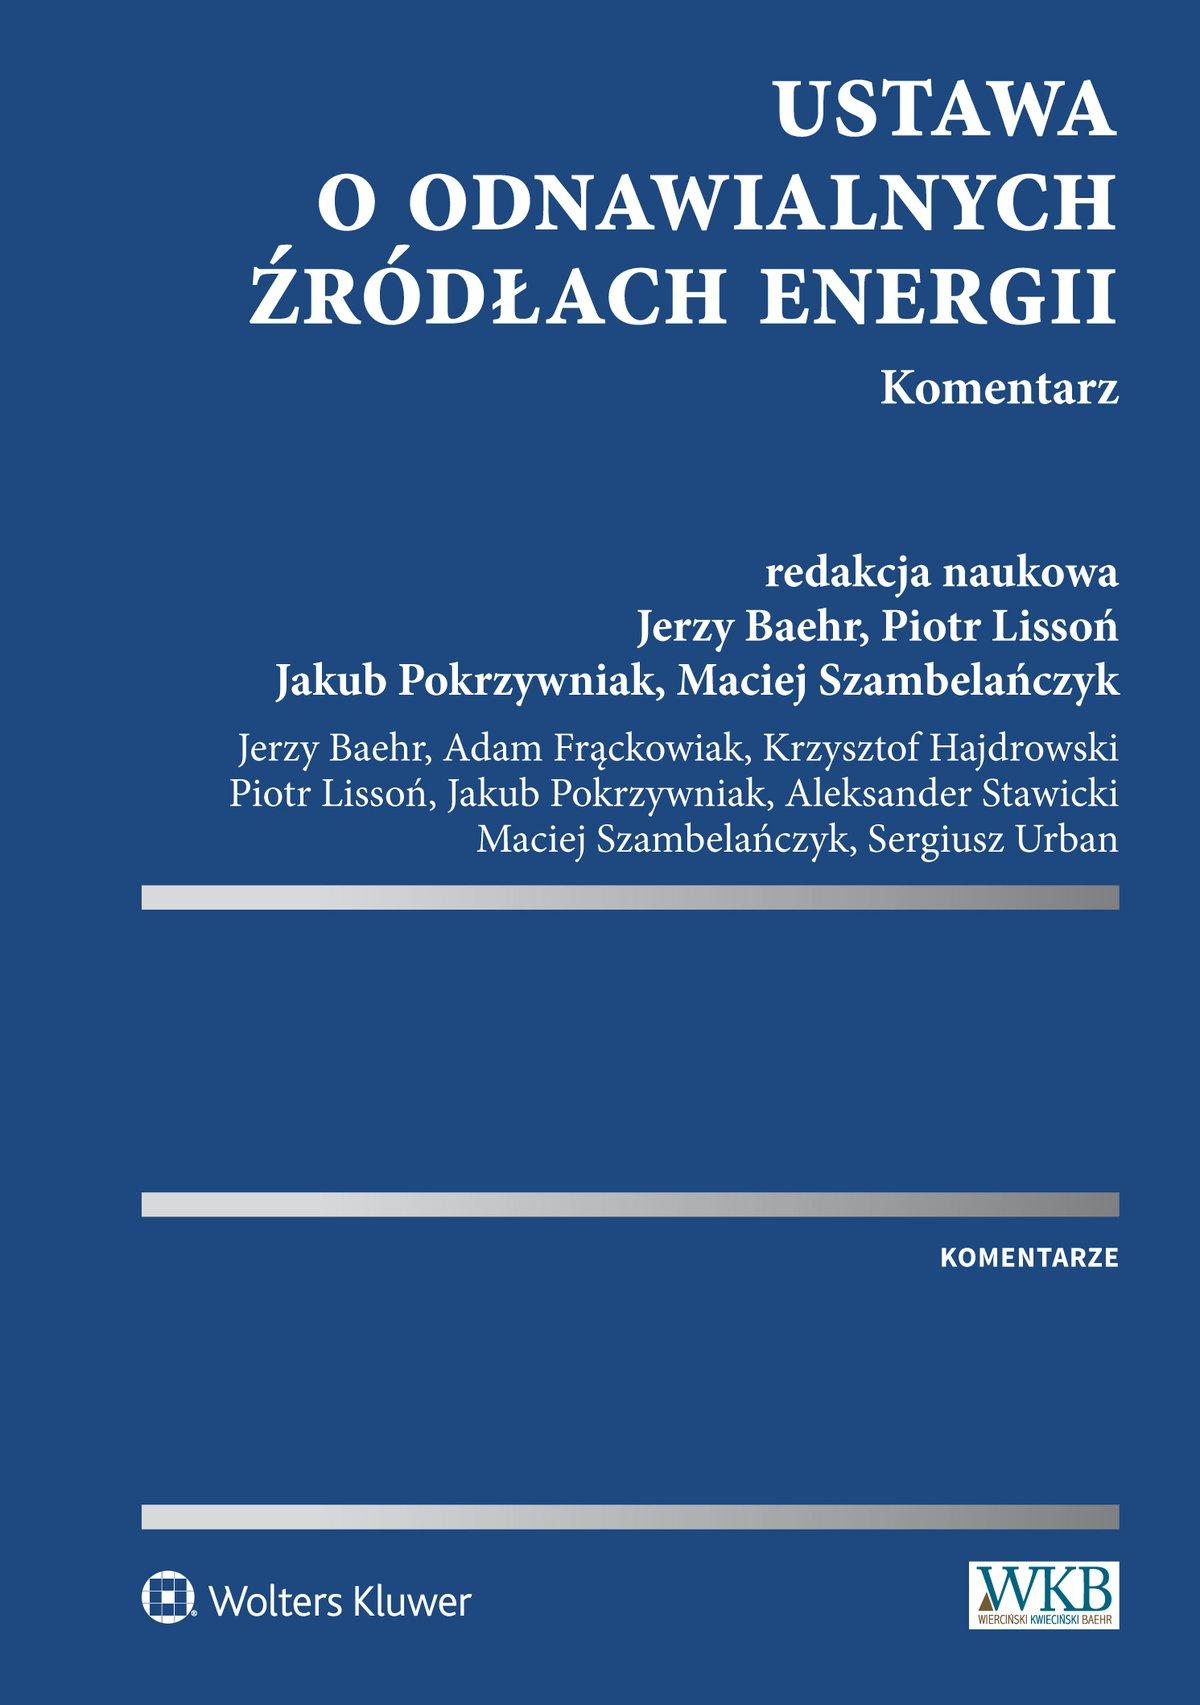 Ustawa o odnawialnych źródłach energii. Komentarz - Ebook (Książka PDF) do pobrania w formacie PDF